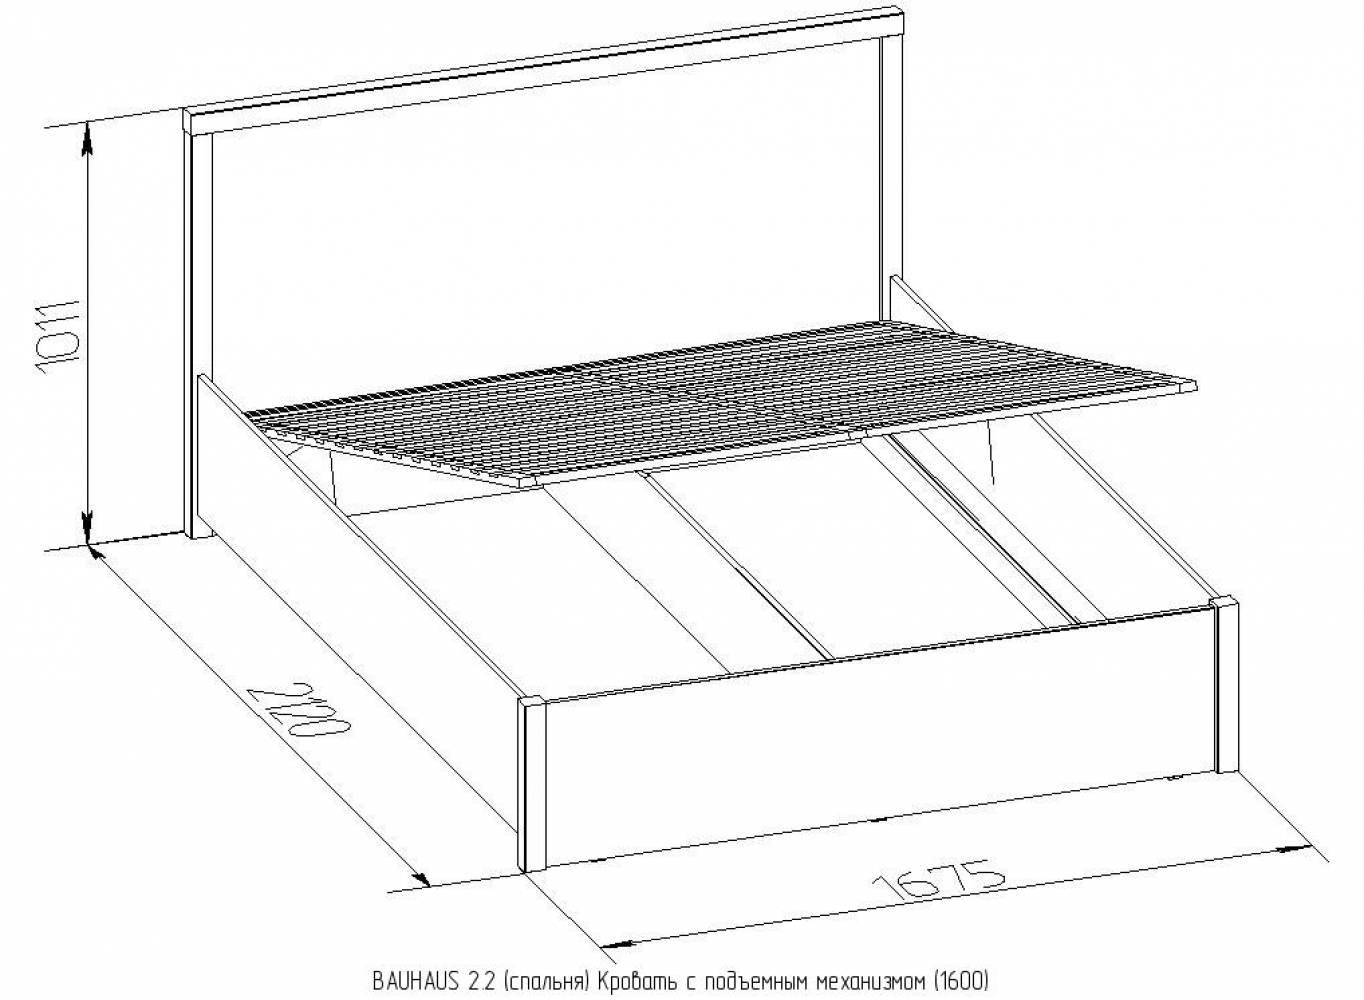 Bauhaus 2.2 (спальня) Кровать с подъемным механизмом (1600)